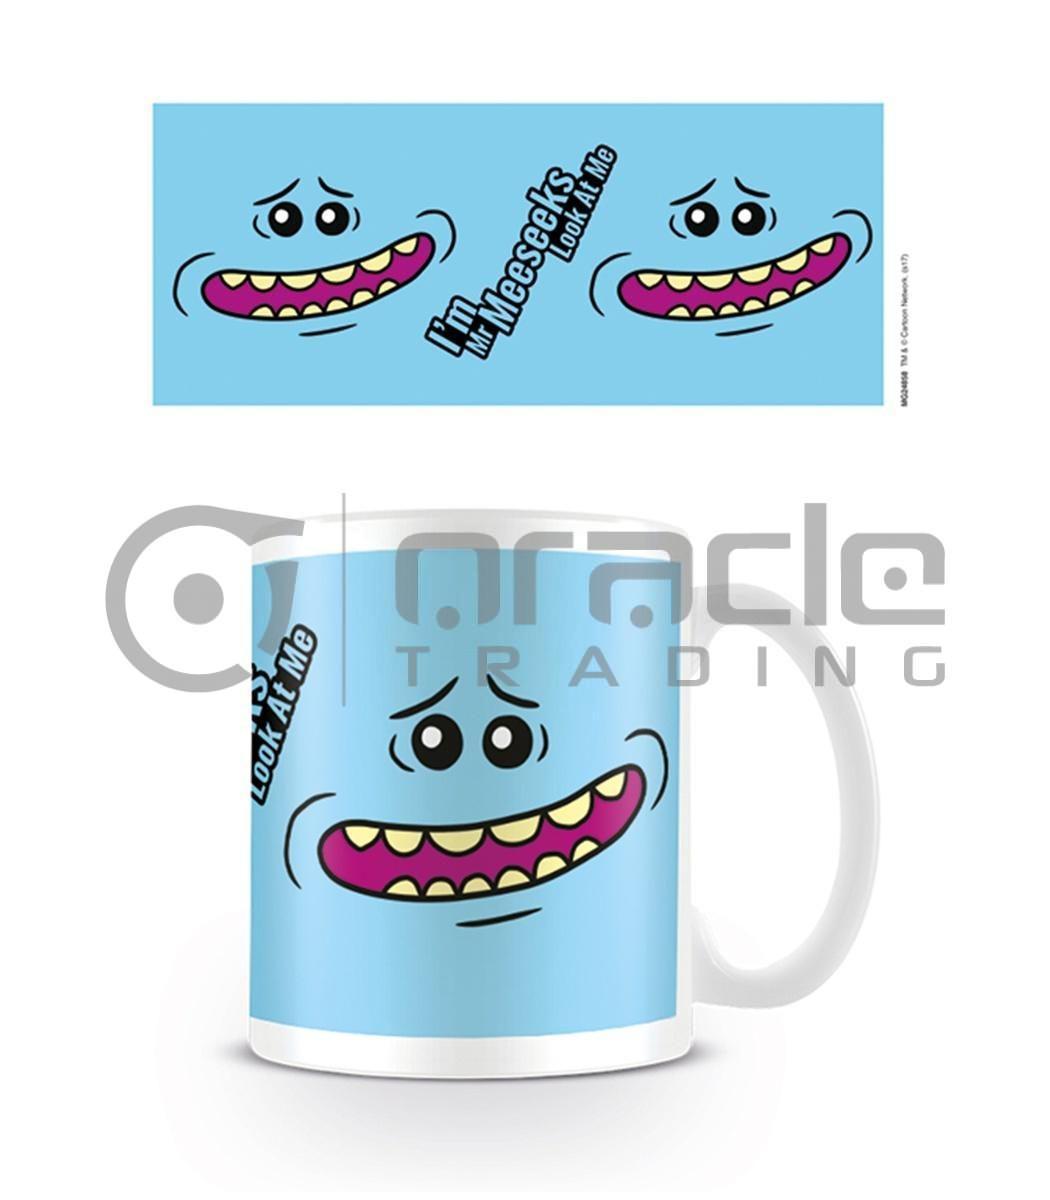 Rick & Morty Mr. Meeseeks Face Mug